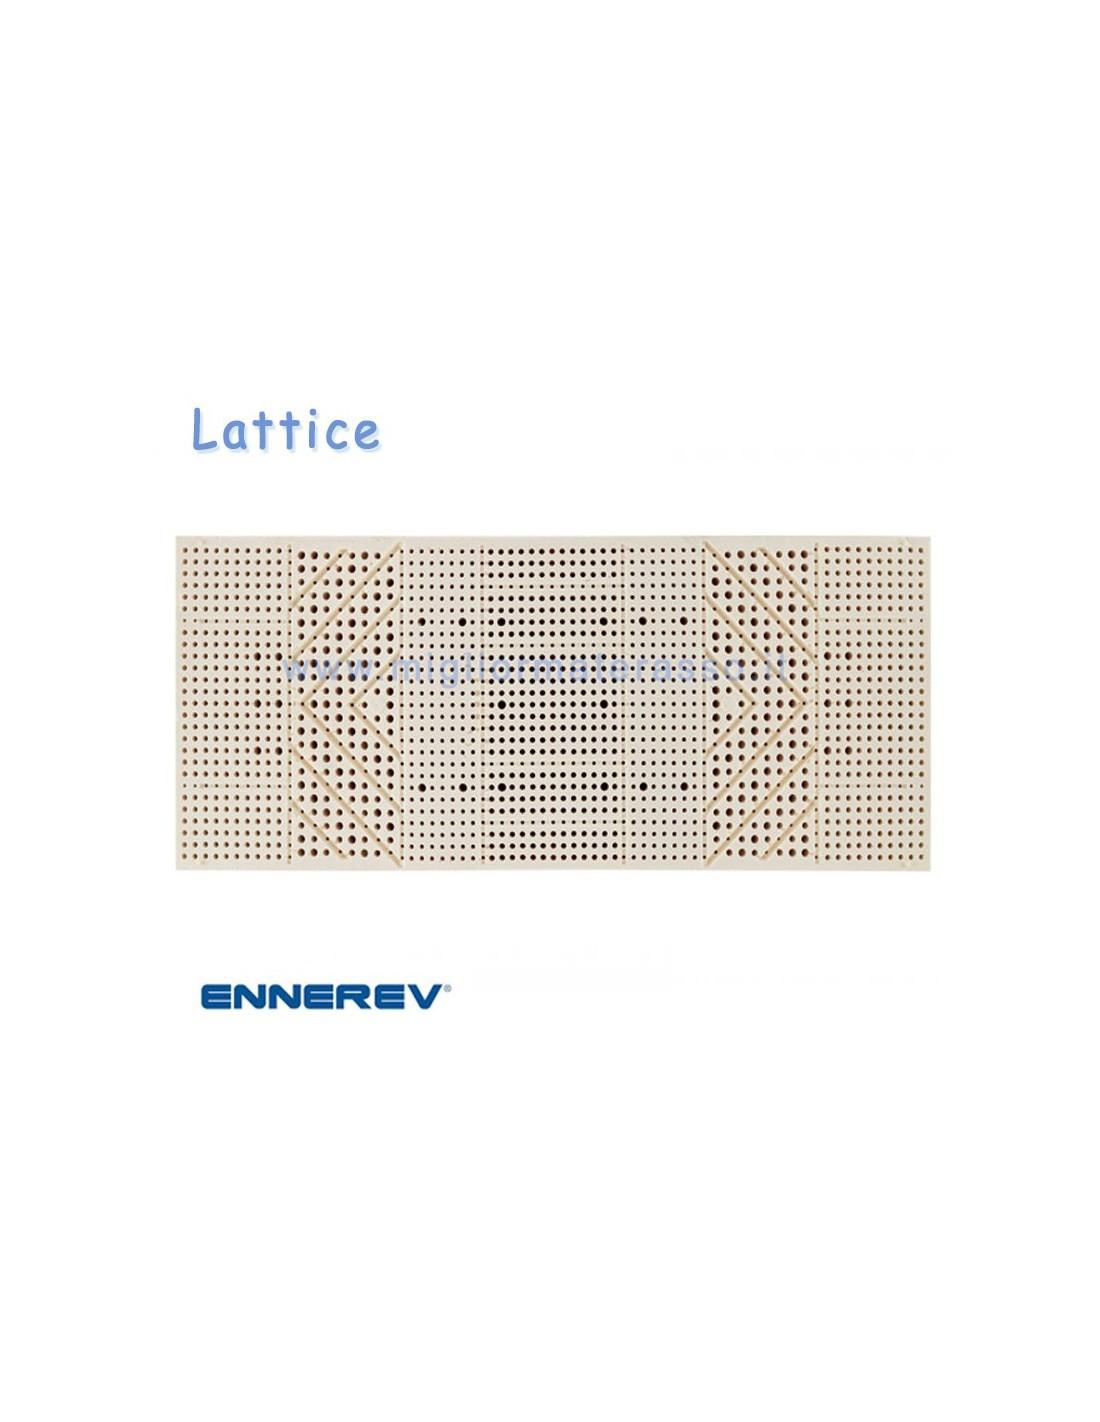 Materasso in lattice Ennerev Bioritmo il meglio dei materassi lattice